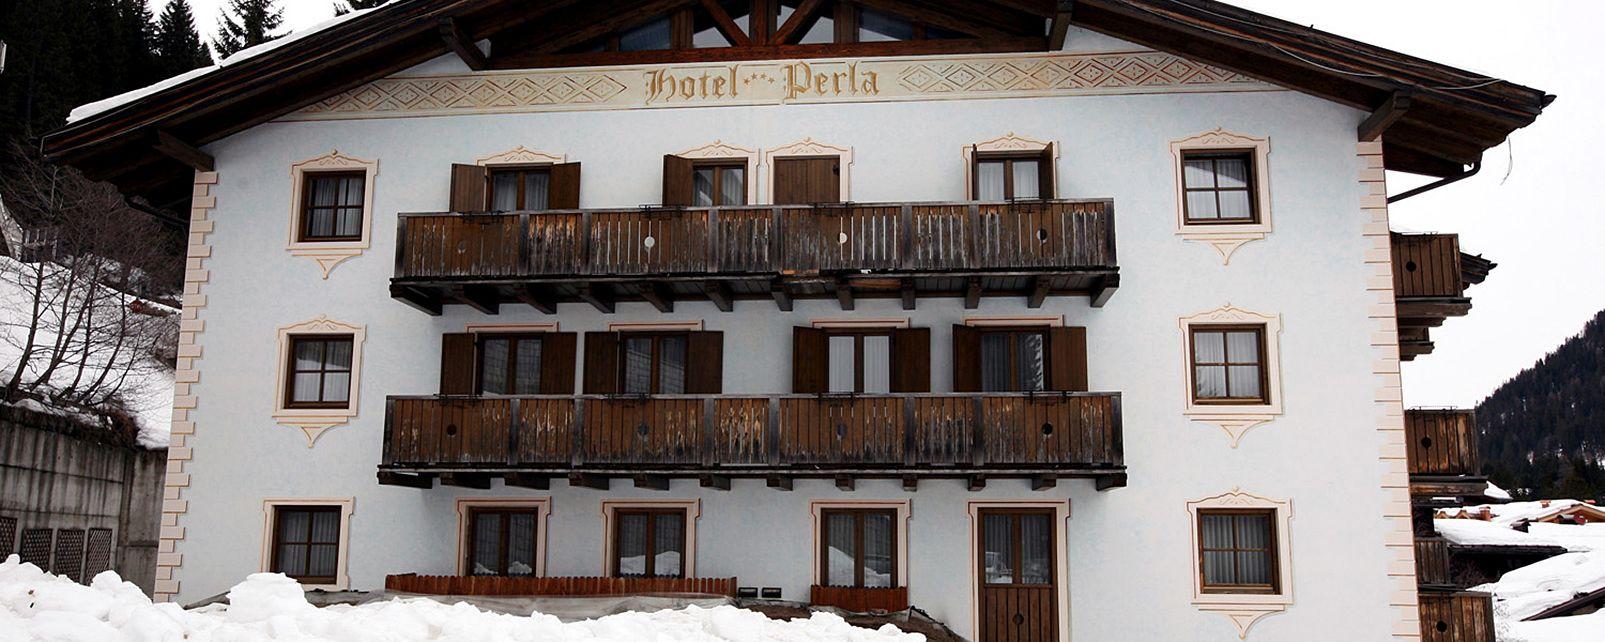 Hôtel Perla